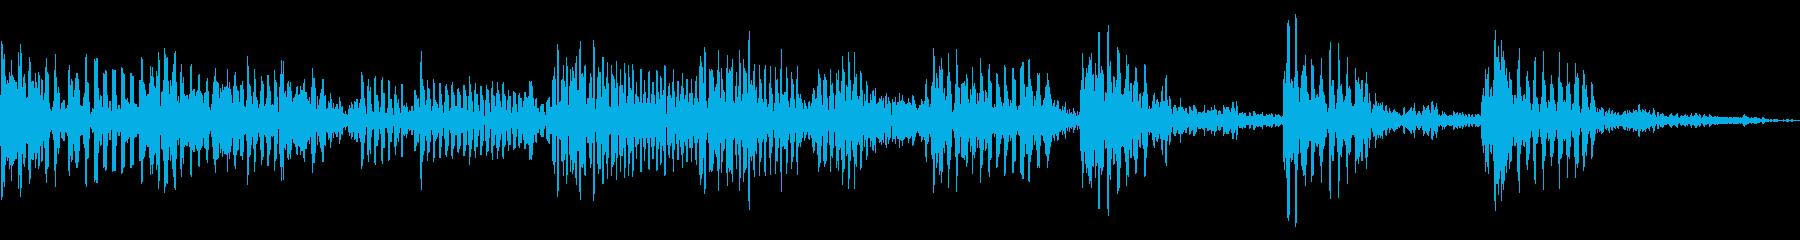 リズムとベースによるアイキャッチ用音源の再生済みの波形